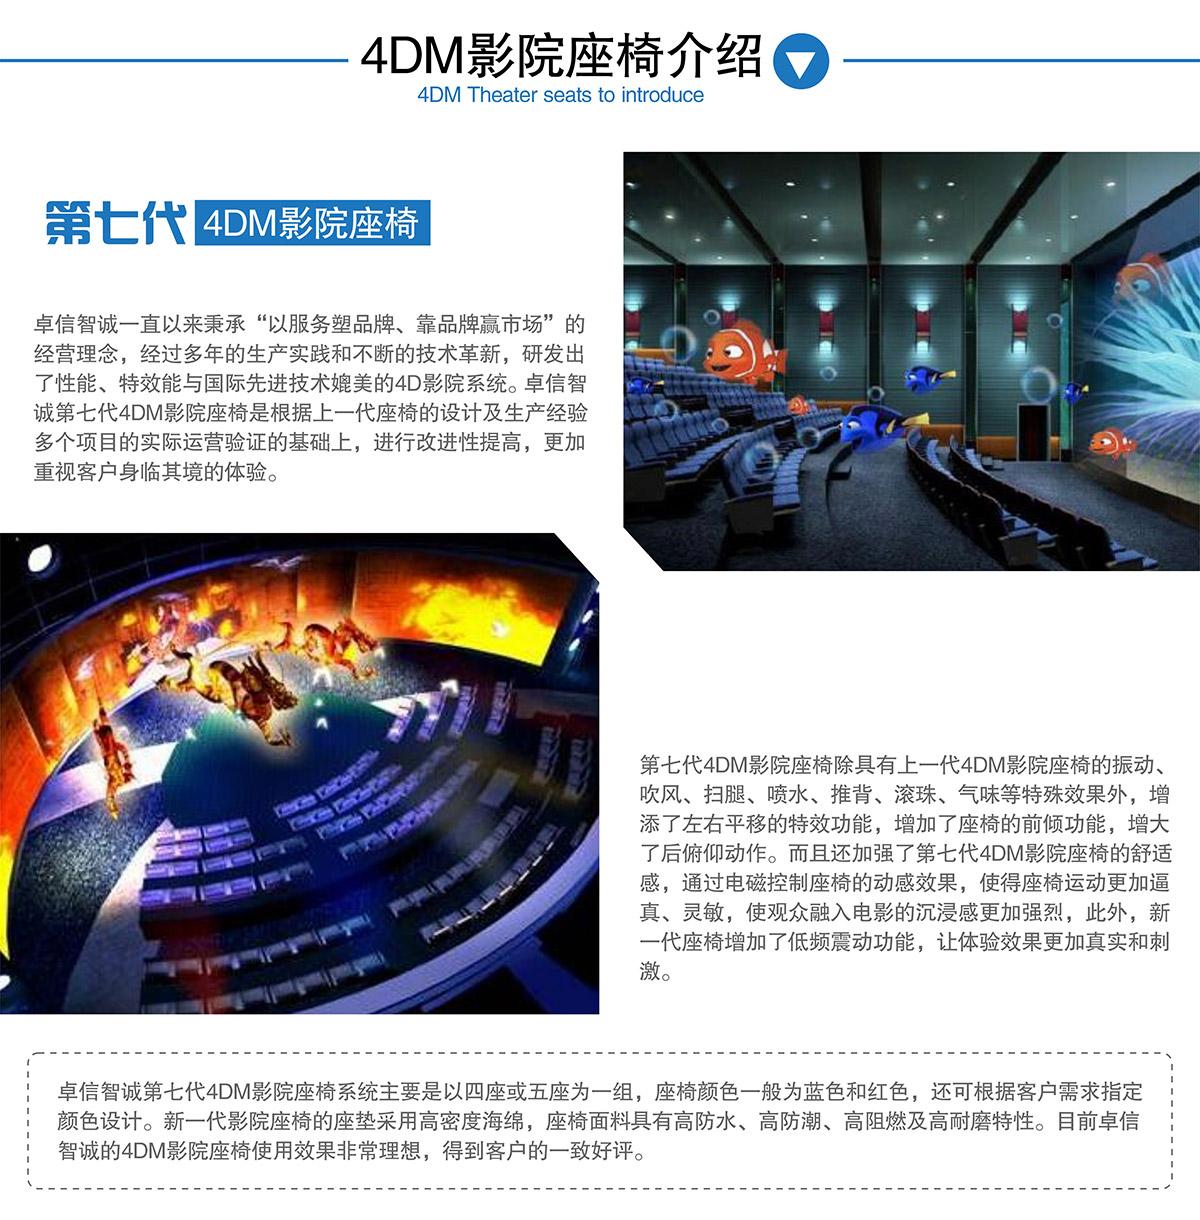 安全体验4DM影院座椅介绍.jpg